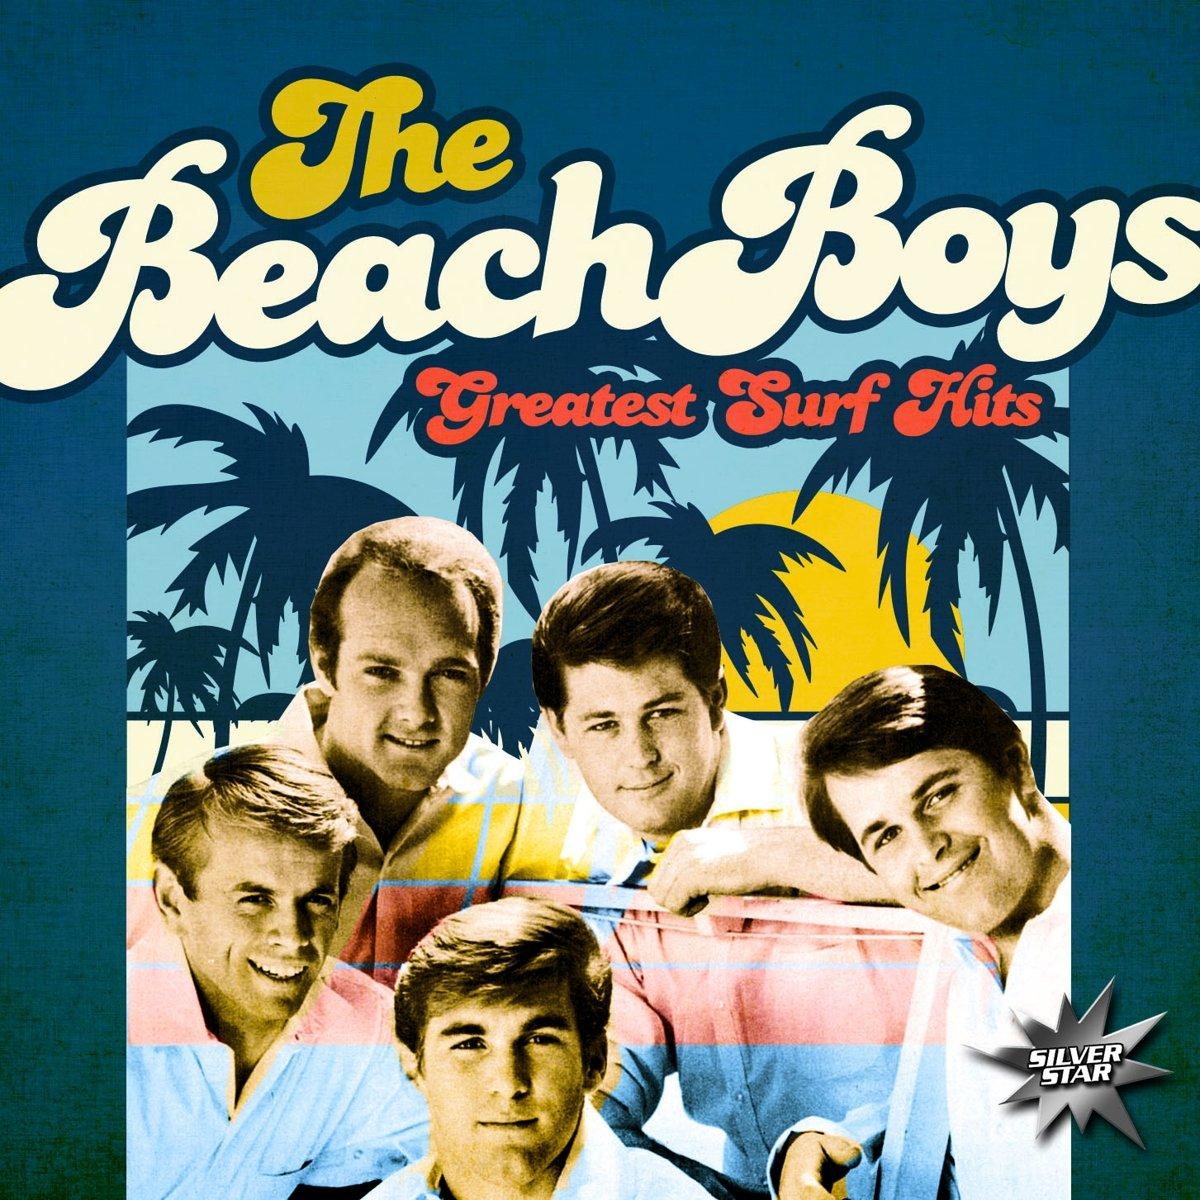 The Beach Boys The Beach Boys. Greatest Surf Hits (LP) the beach boys the beach boys greatest surf hits